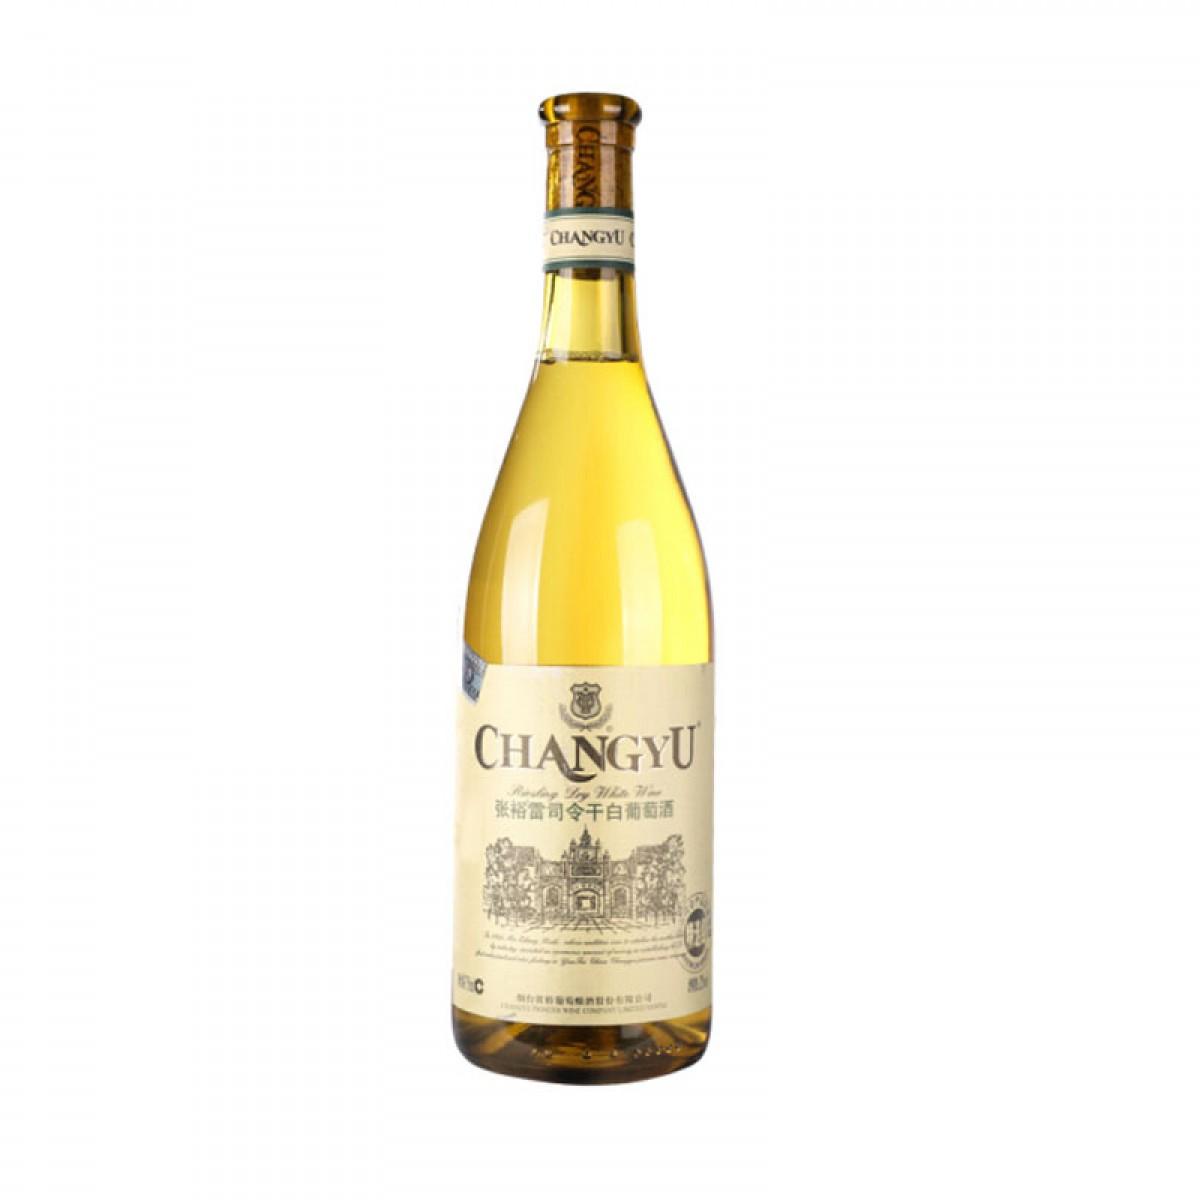 张裕 雷司令 干白葡萄酒 750ml 单瓶装